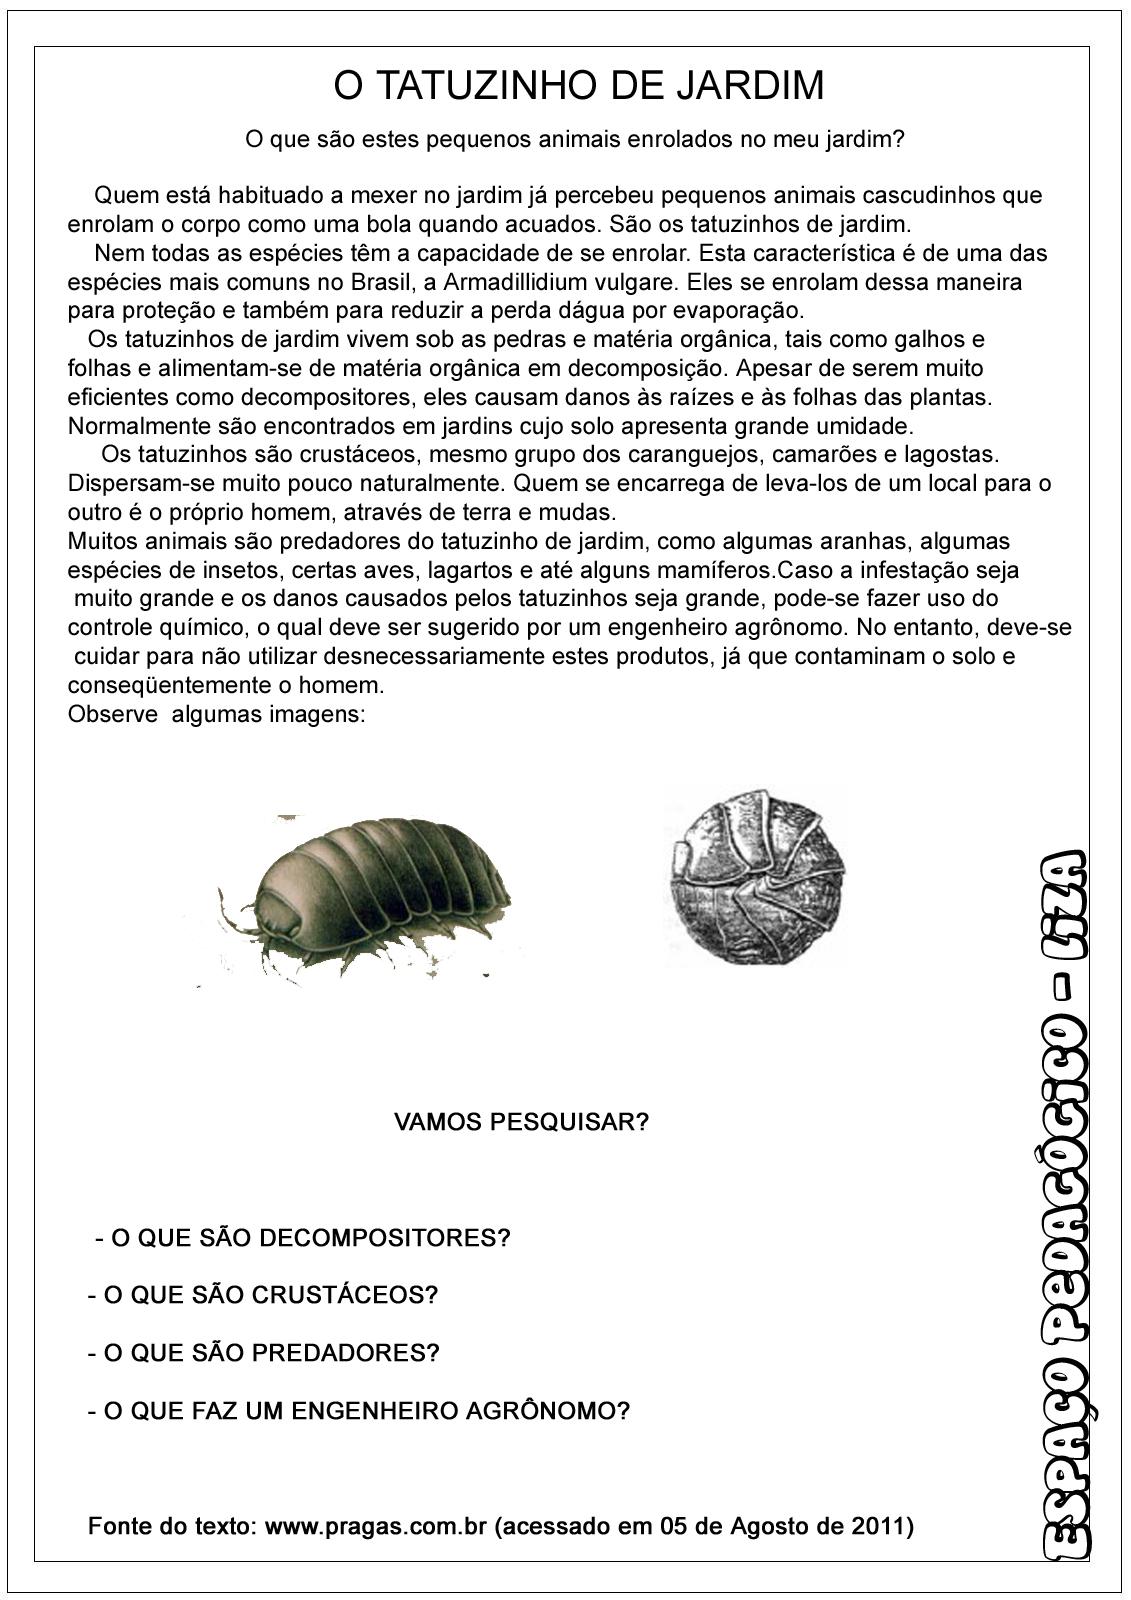 texto e atividades sobre tatuzinho de jardim ou tatu bola